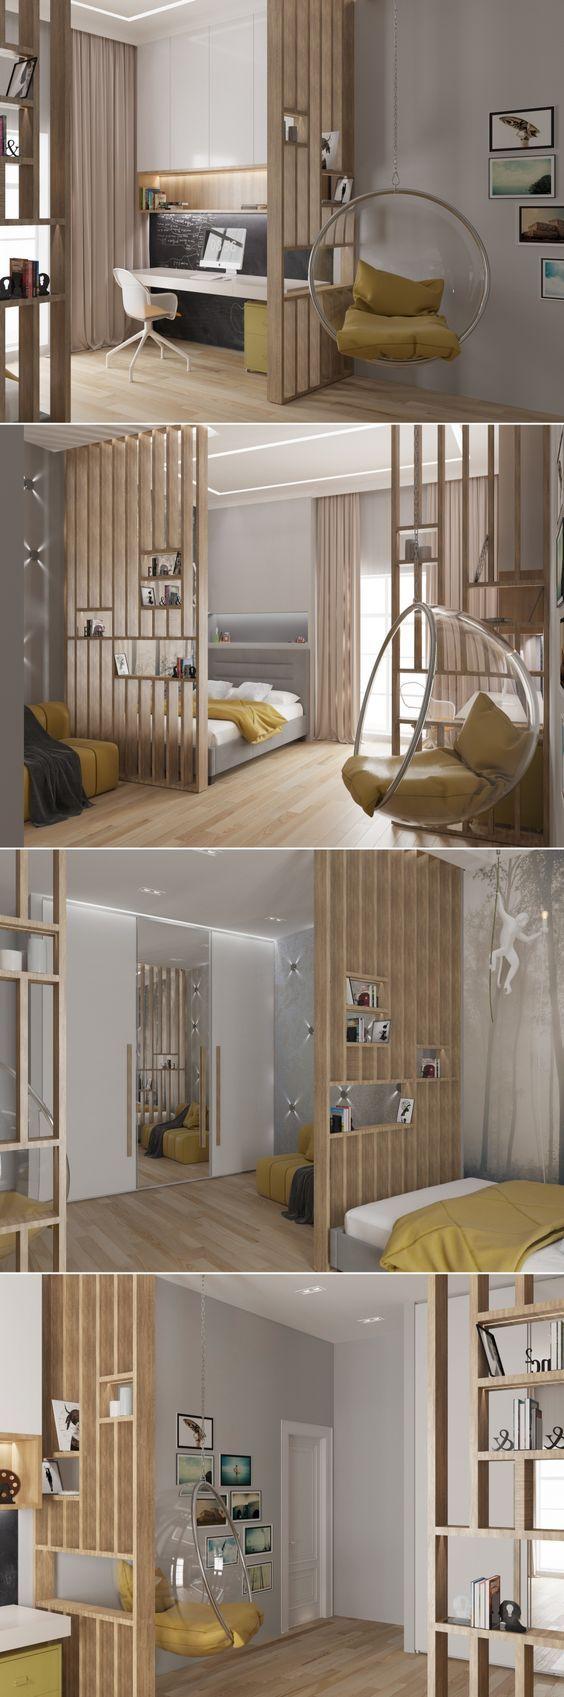 фото дизайна комнаты школьника для подростка